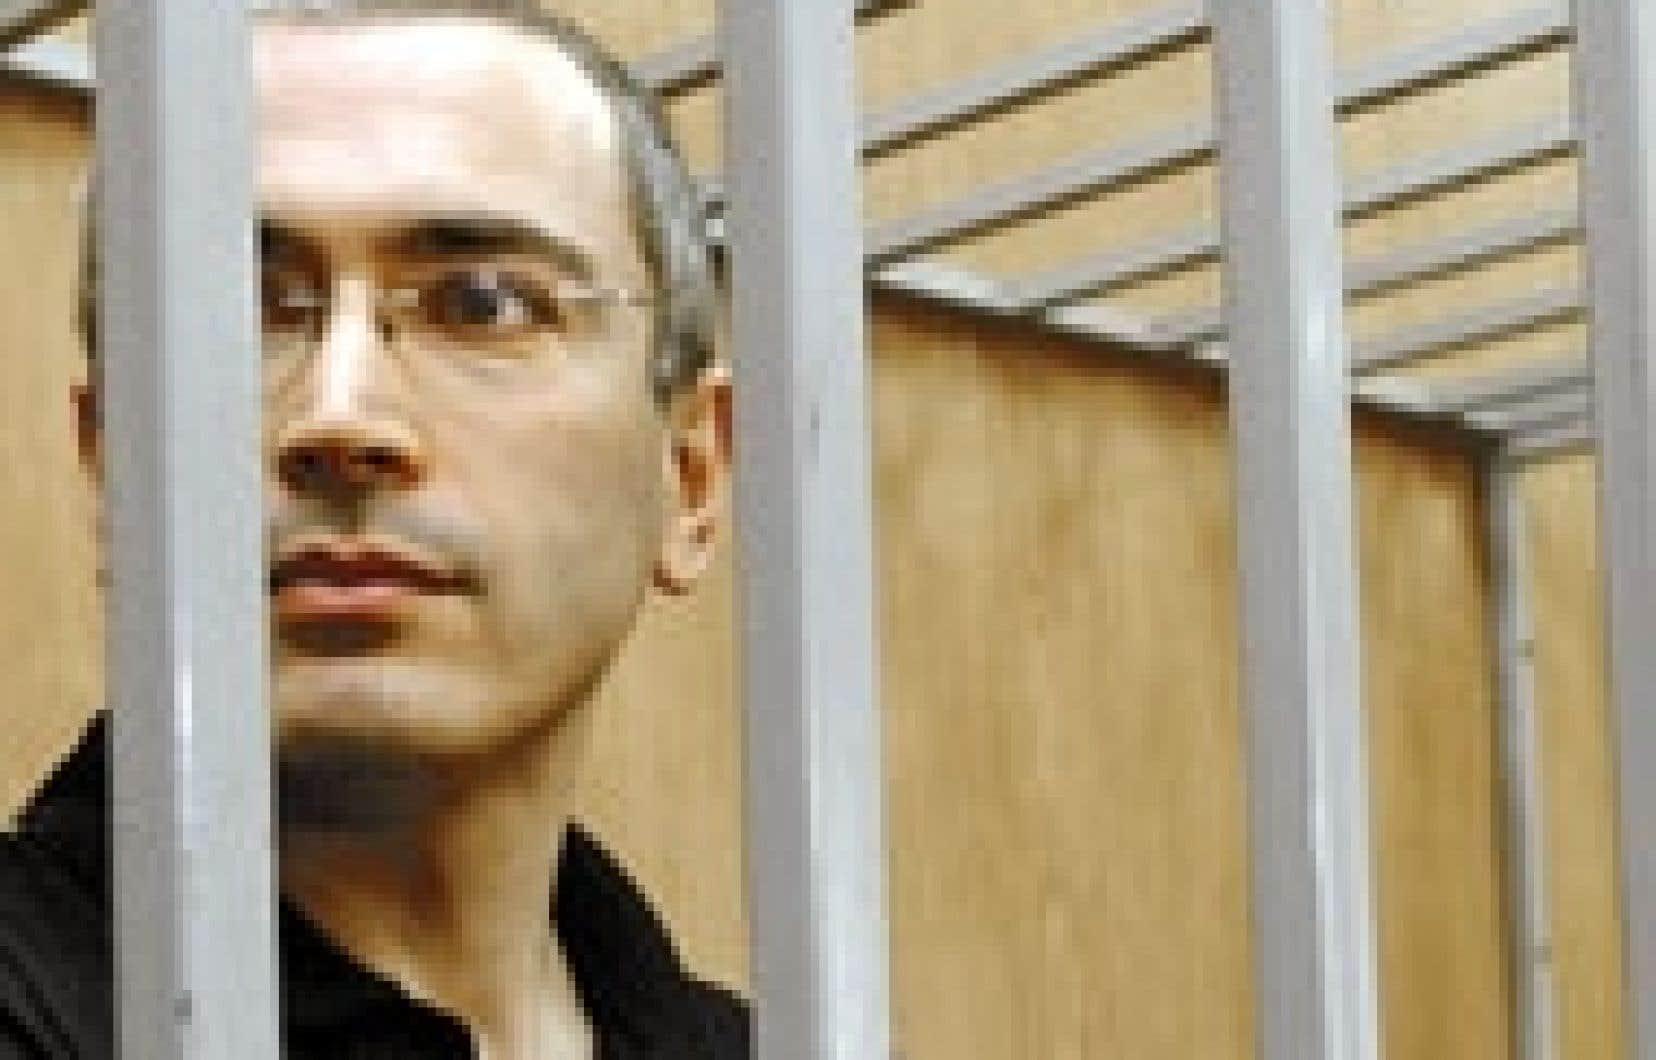 le milliardaire russe Mikhaïl Khodorkovski, principal propriétaire du géant pétrolier Ioukos, assiste au déroulement de son procès pour fraude et évasion fiscale dans la cage des accusés. Les actes du drame Ioukos se sont enchaînés ces derniers